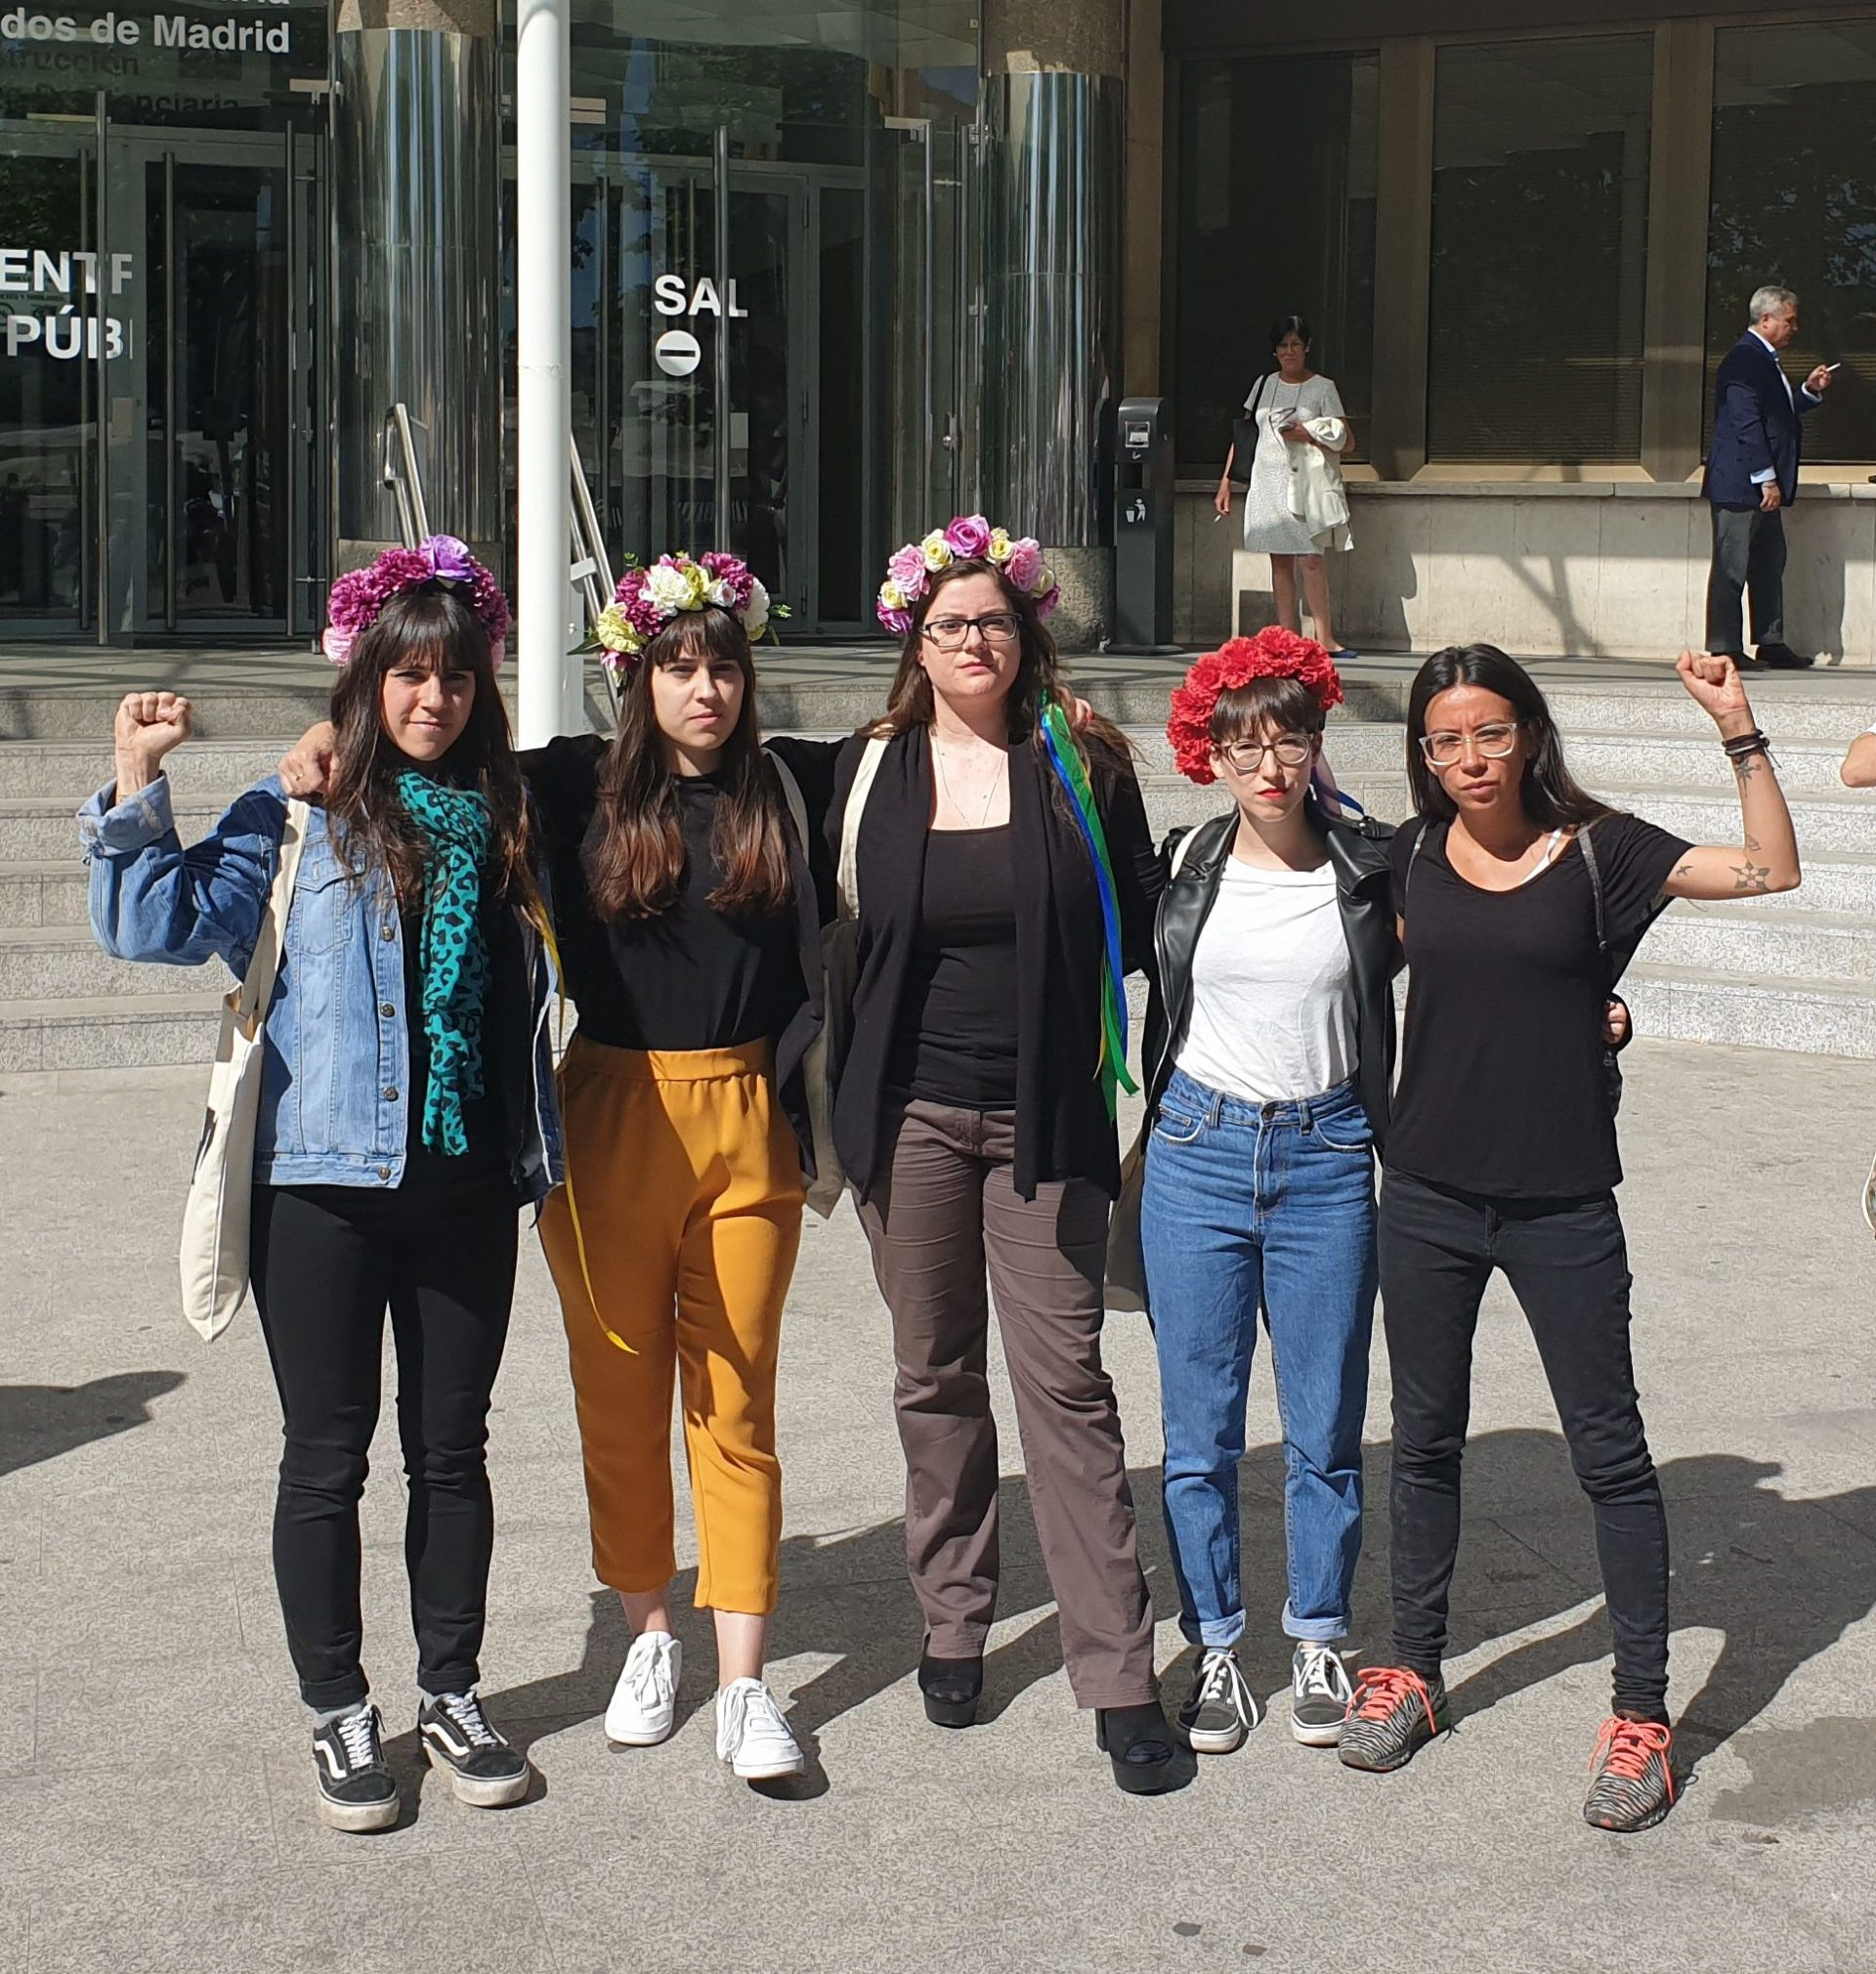 Tras la querella interpuesta por La Falange, las integrantes de FEMEN responden ante el Juez